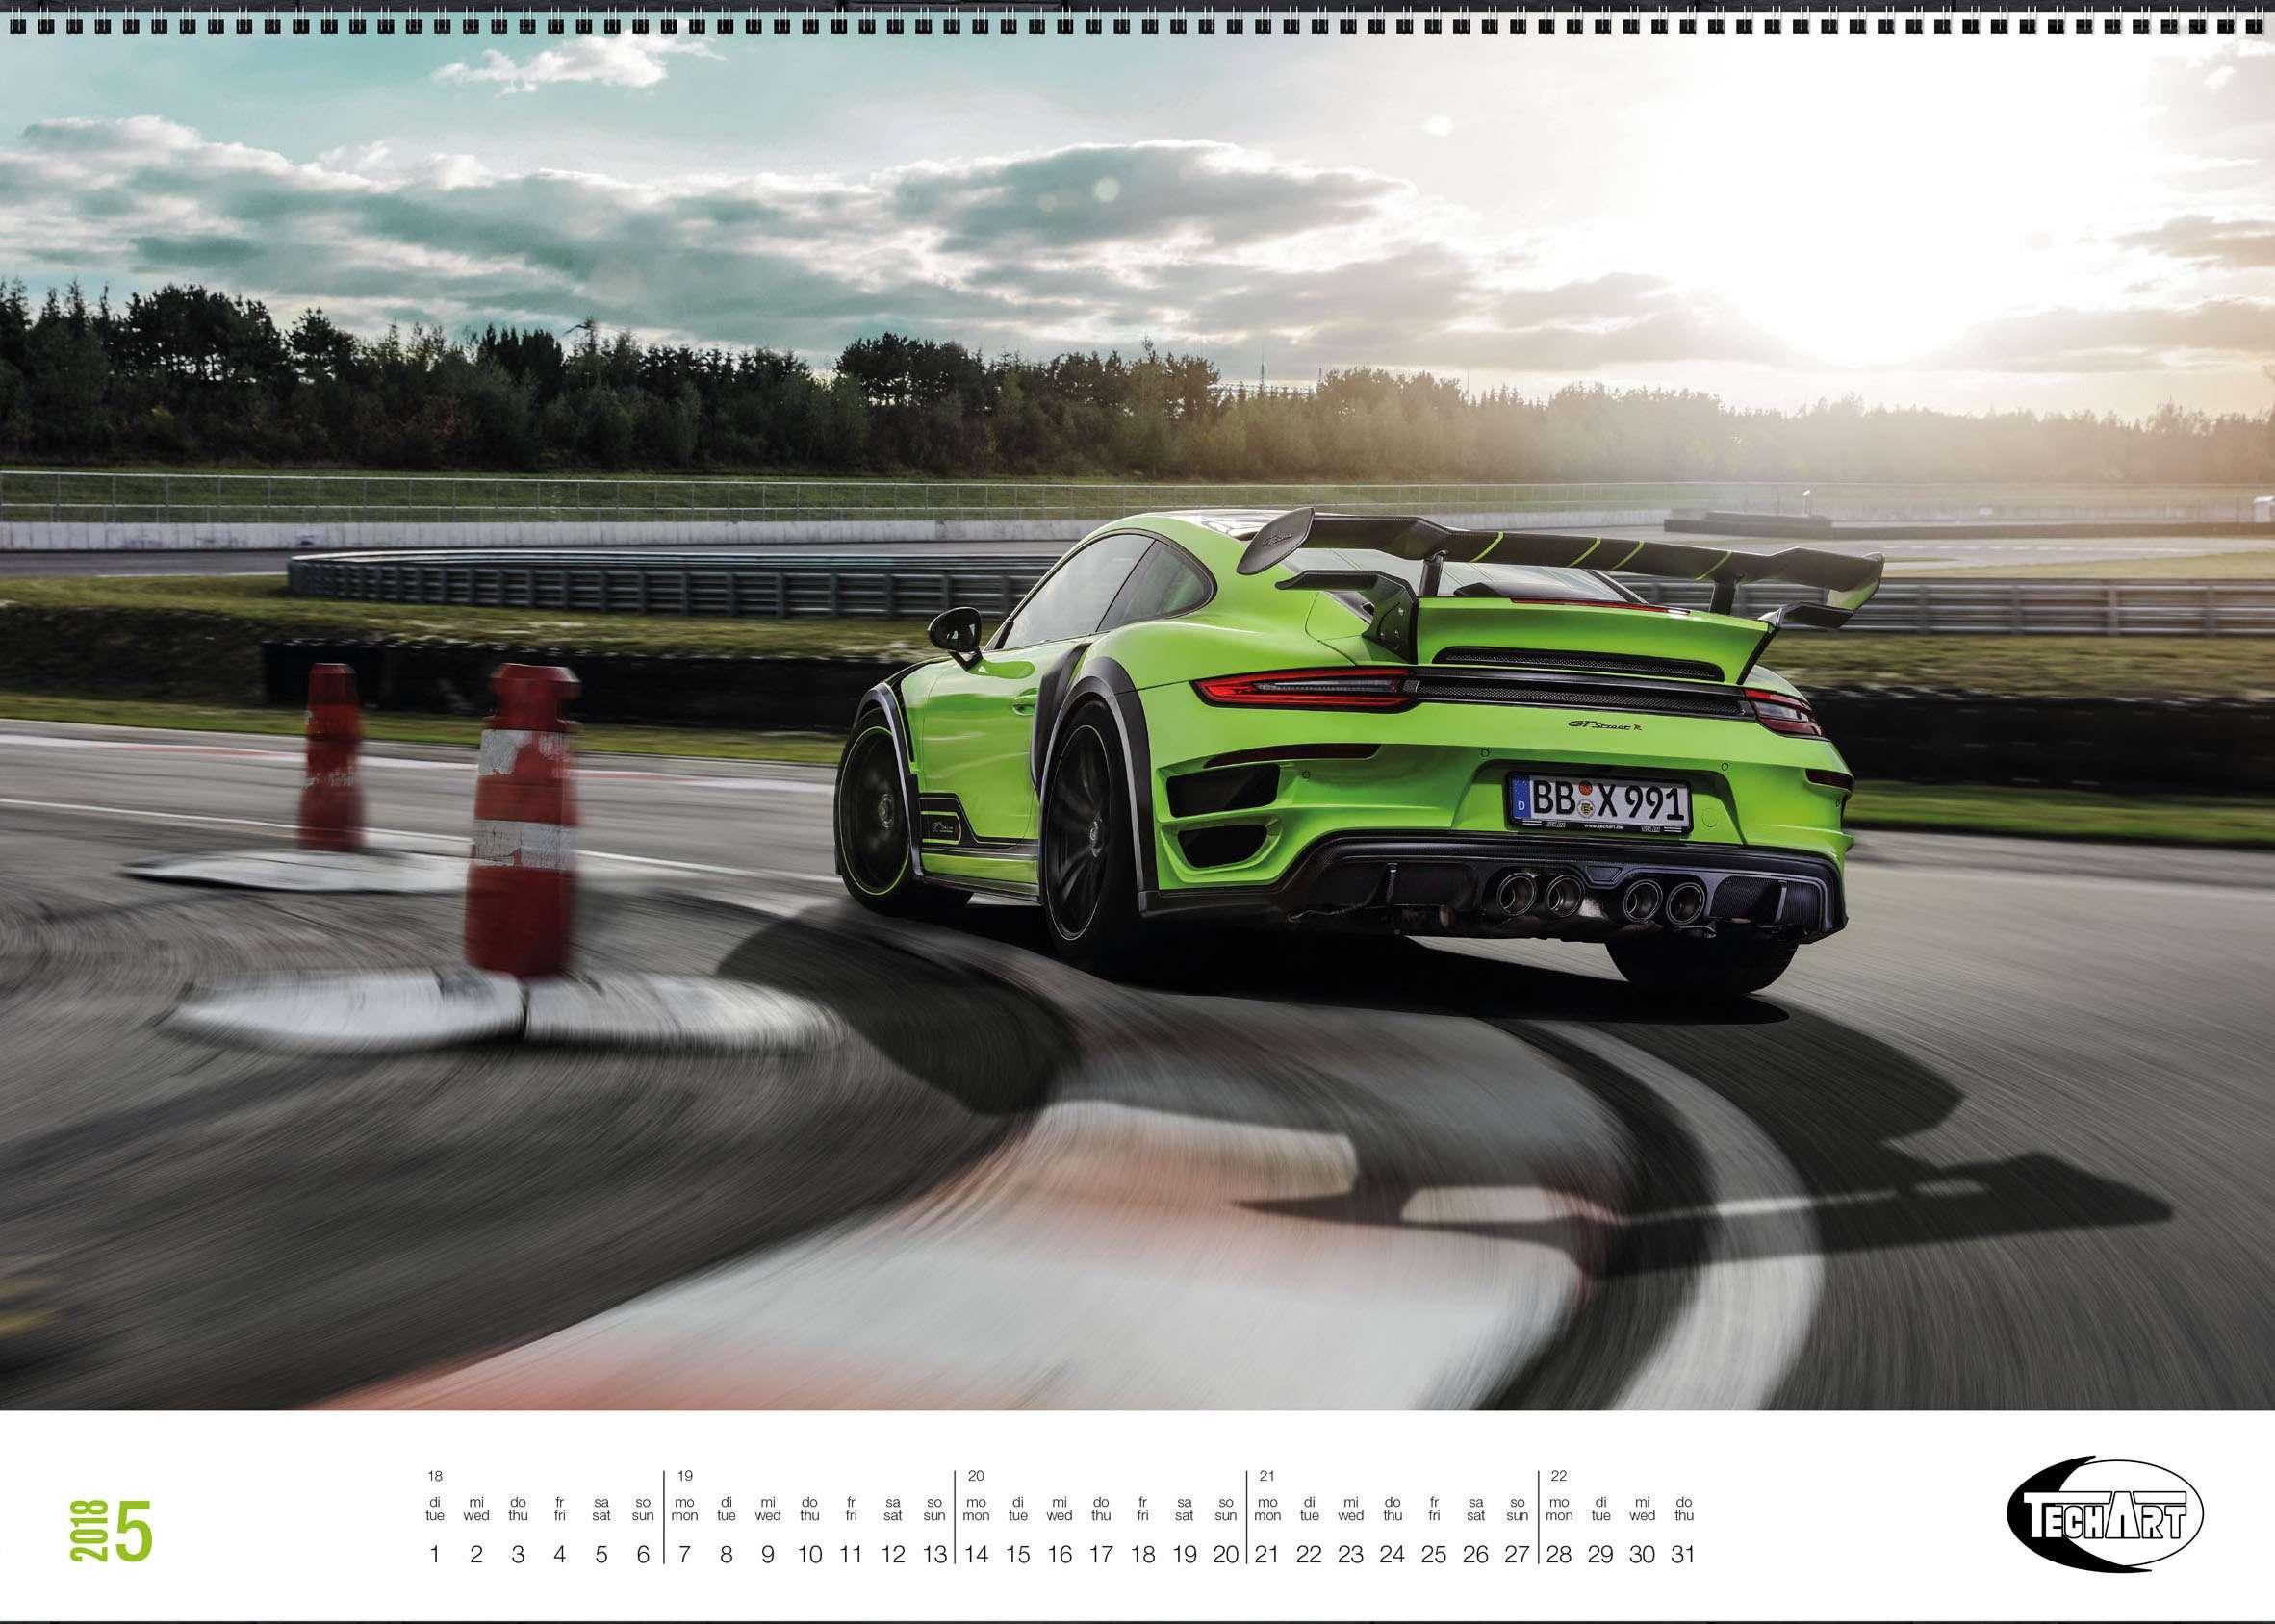 Только красивые машины: календарь Techart— фото 826390